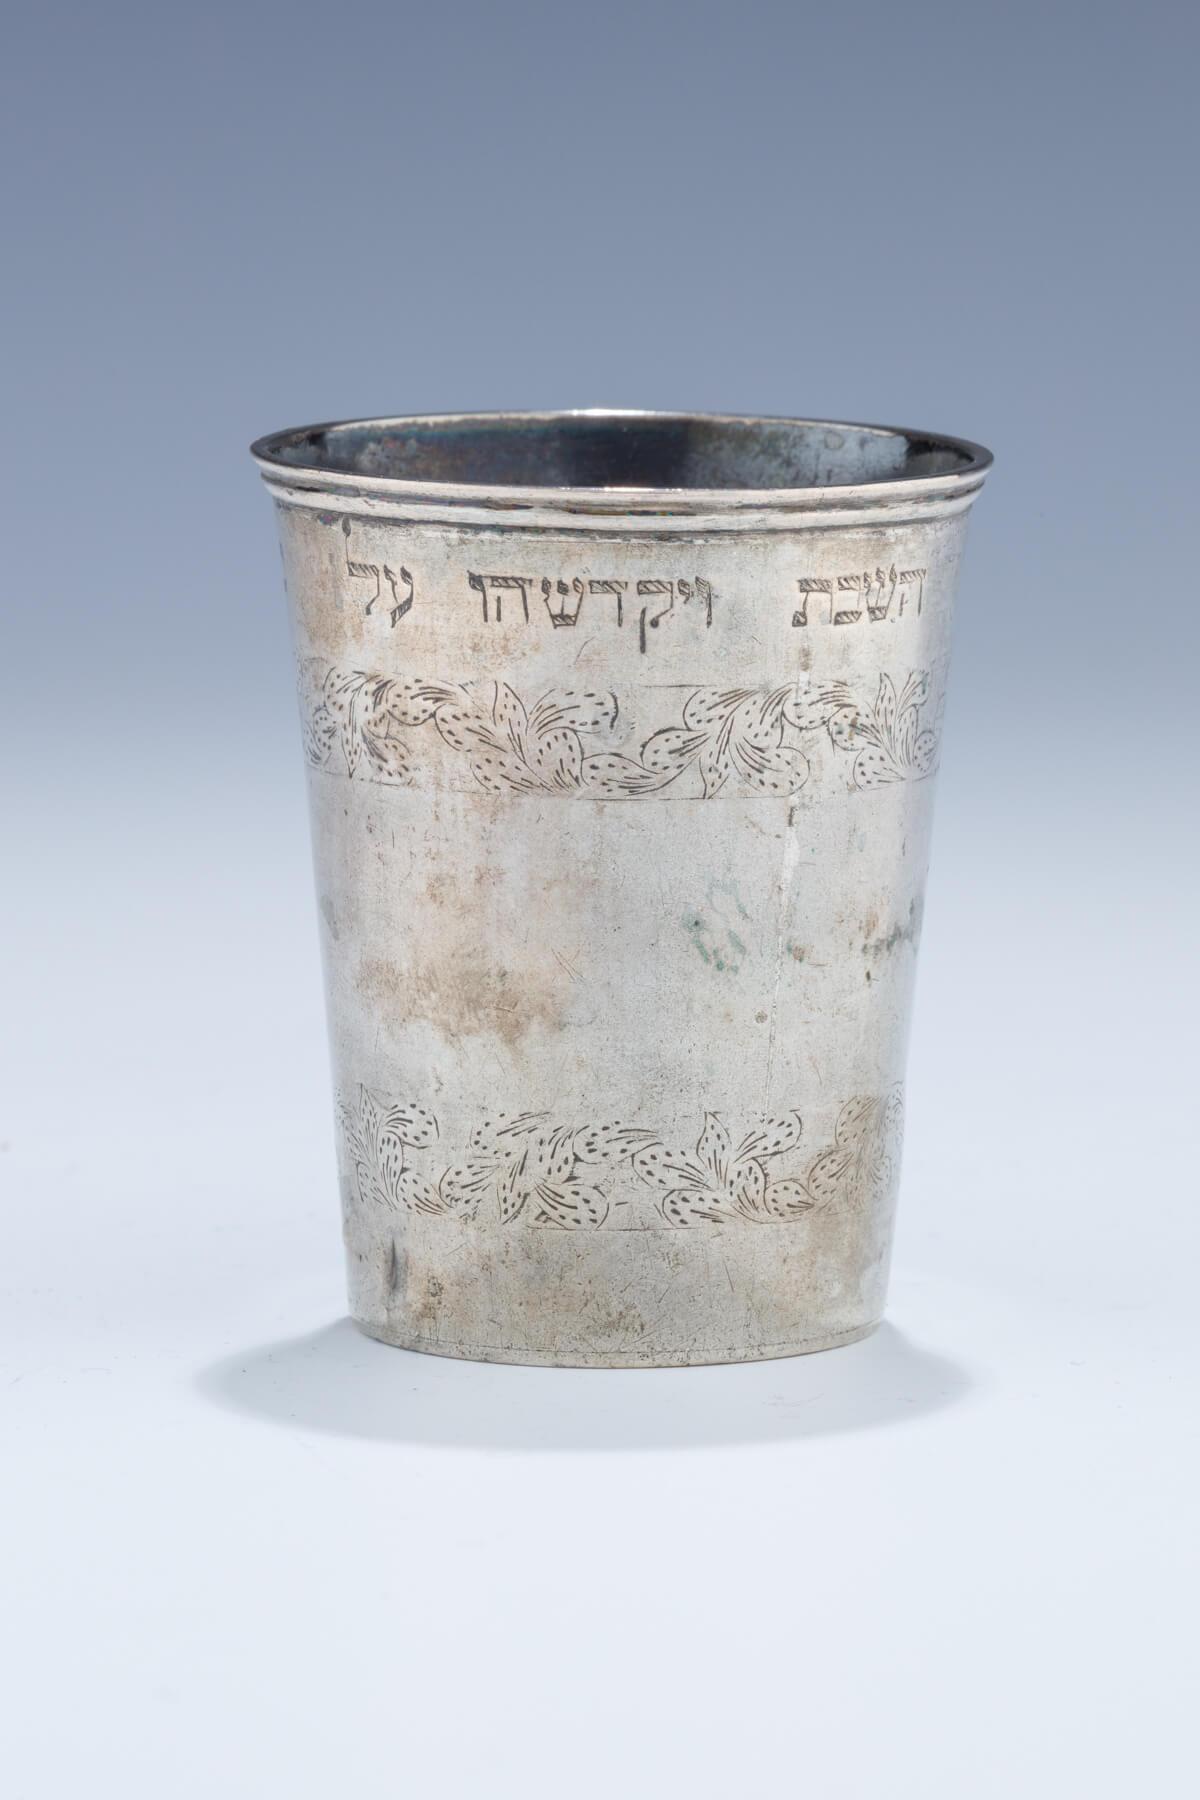 041. A Silver Kiddush Beaker